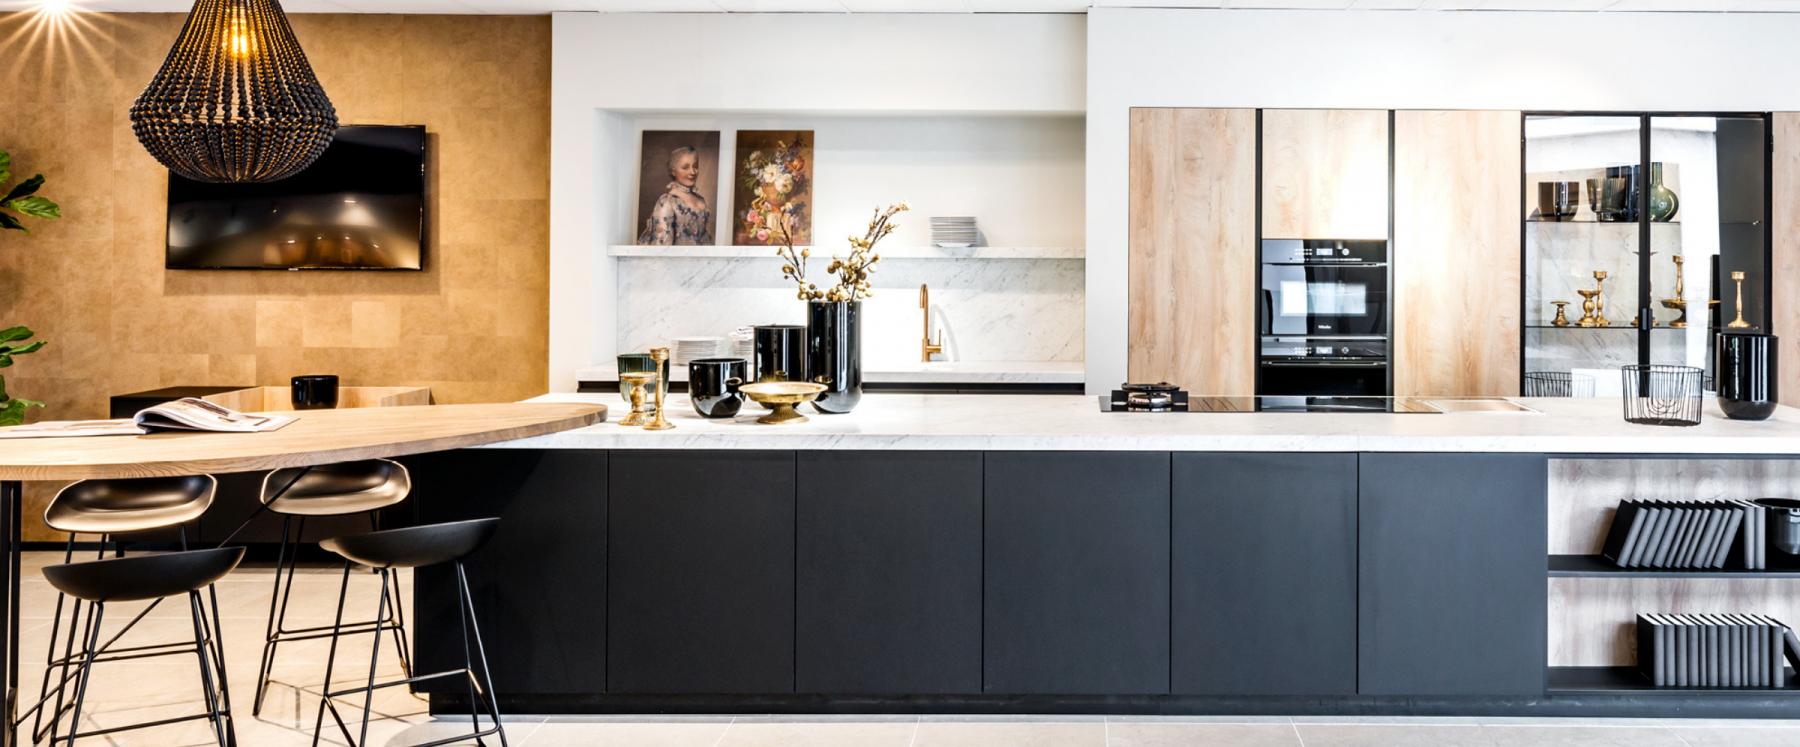 Moderne designkeuken met marmeren werkblad